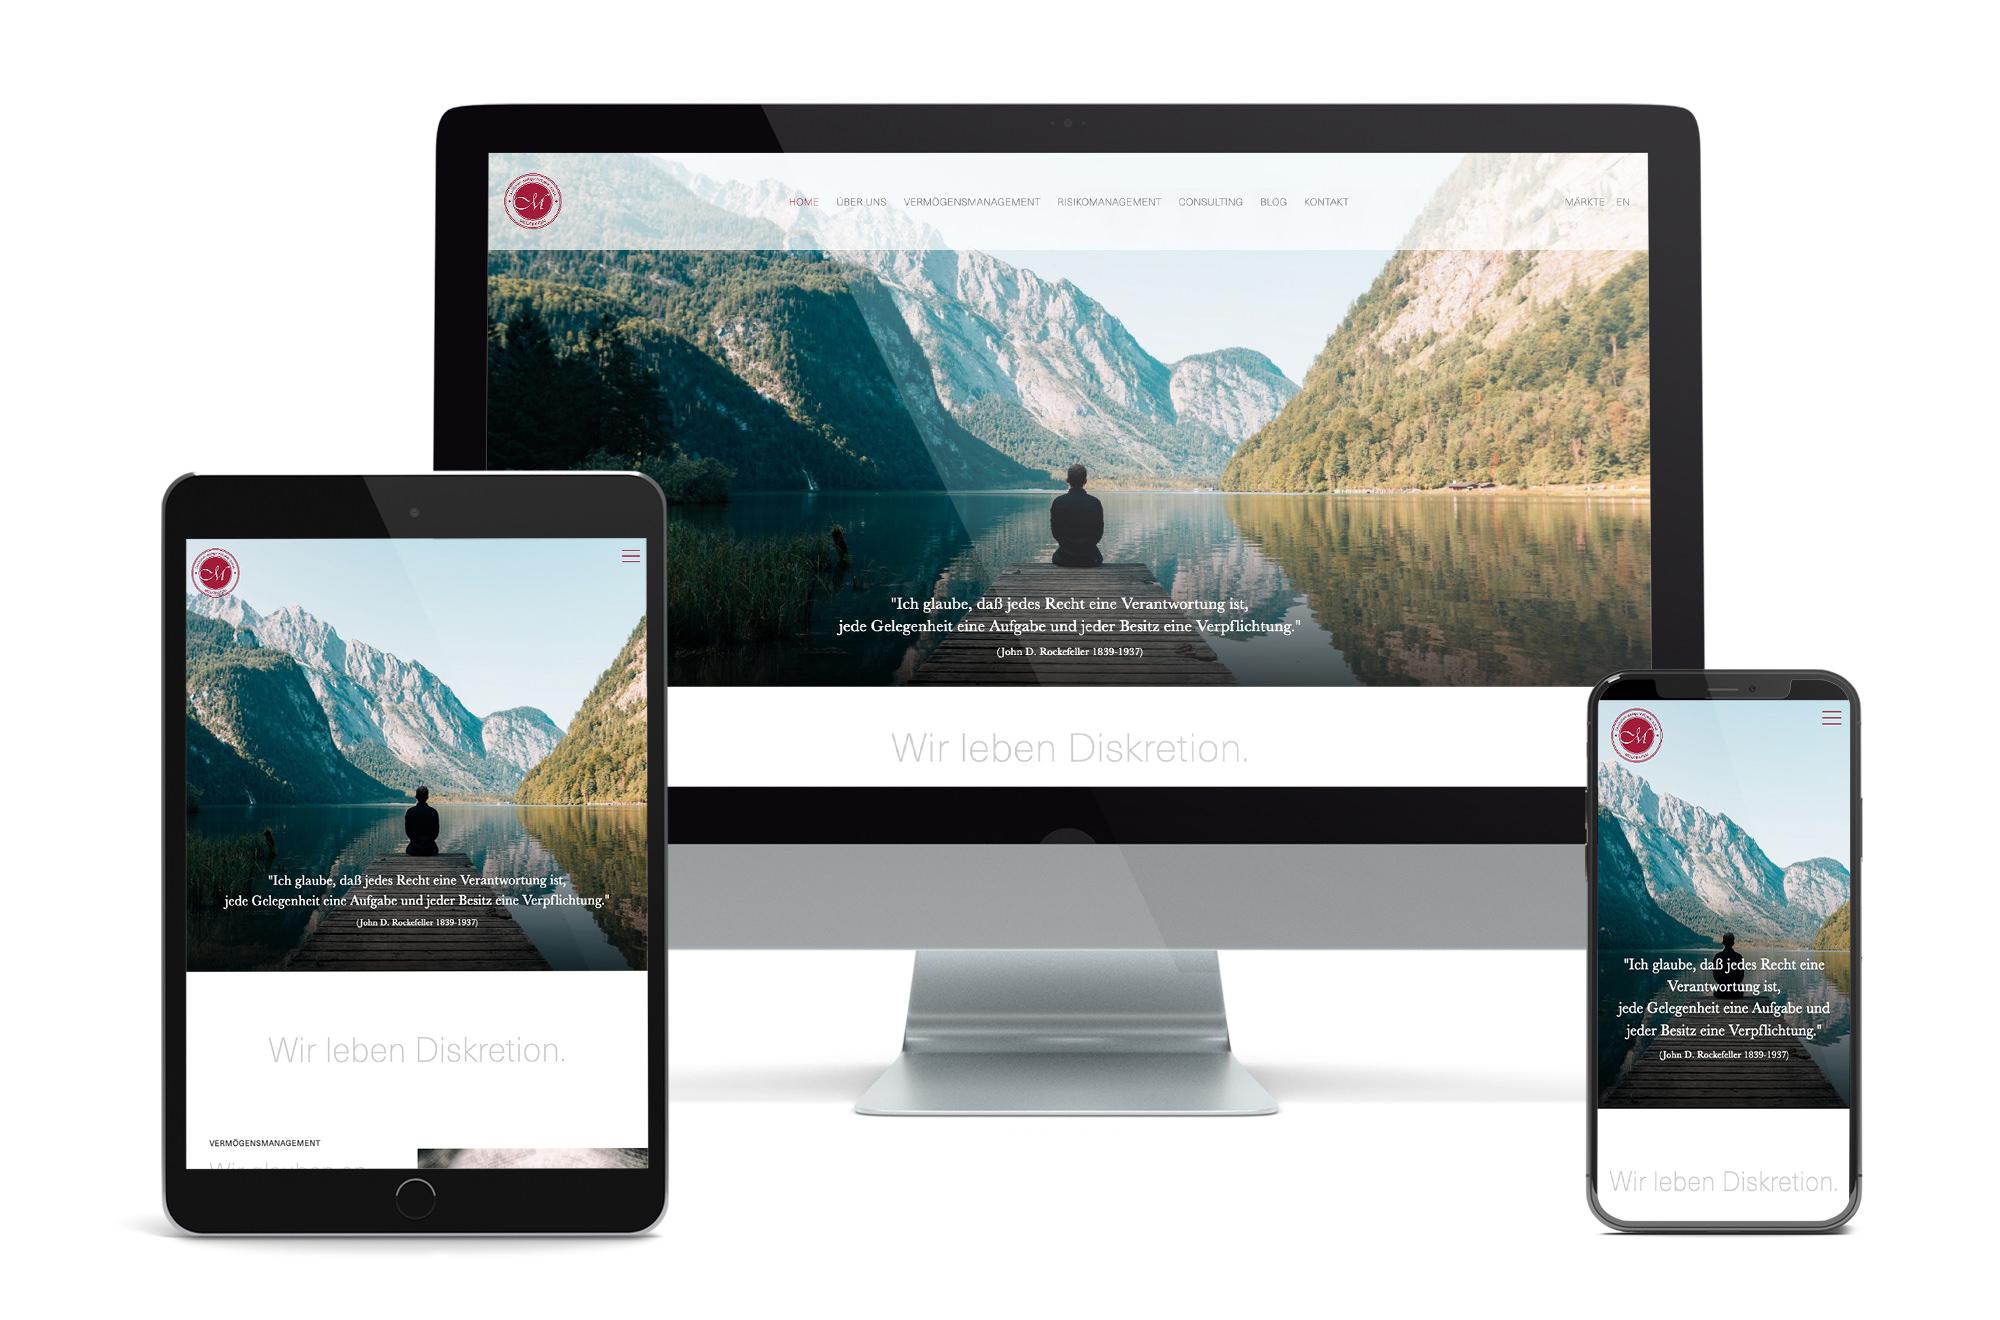 Webdesign Beispiel: Neue Website für Finanzberatung, Vermögensmanagement & Risikomanagement